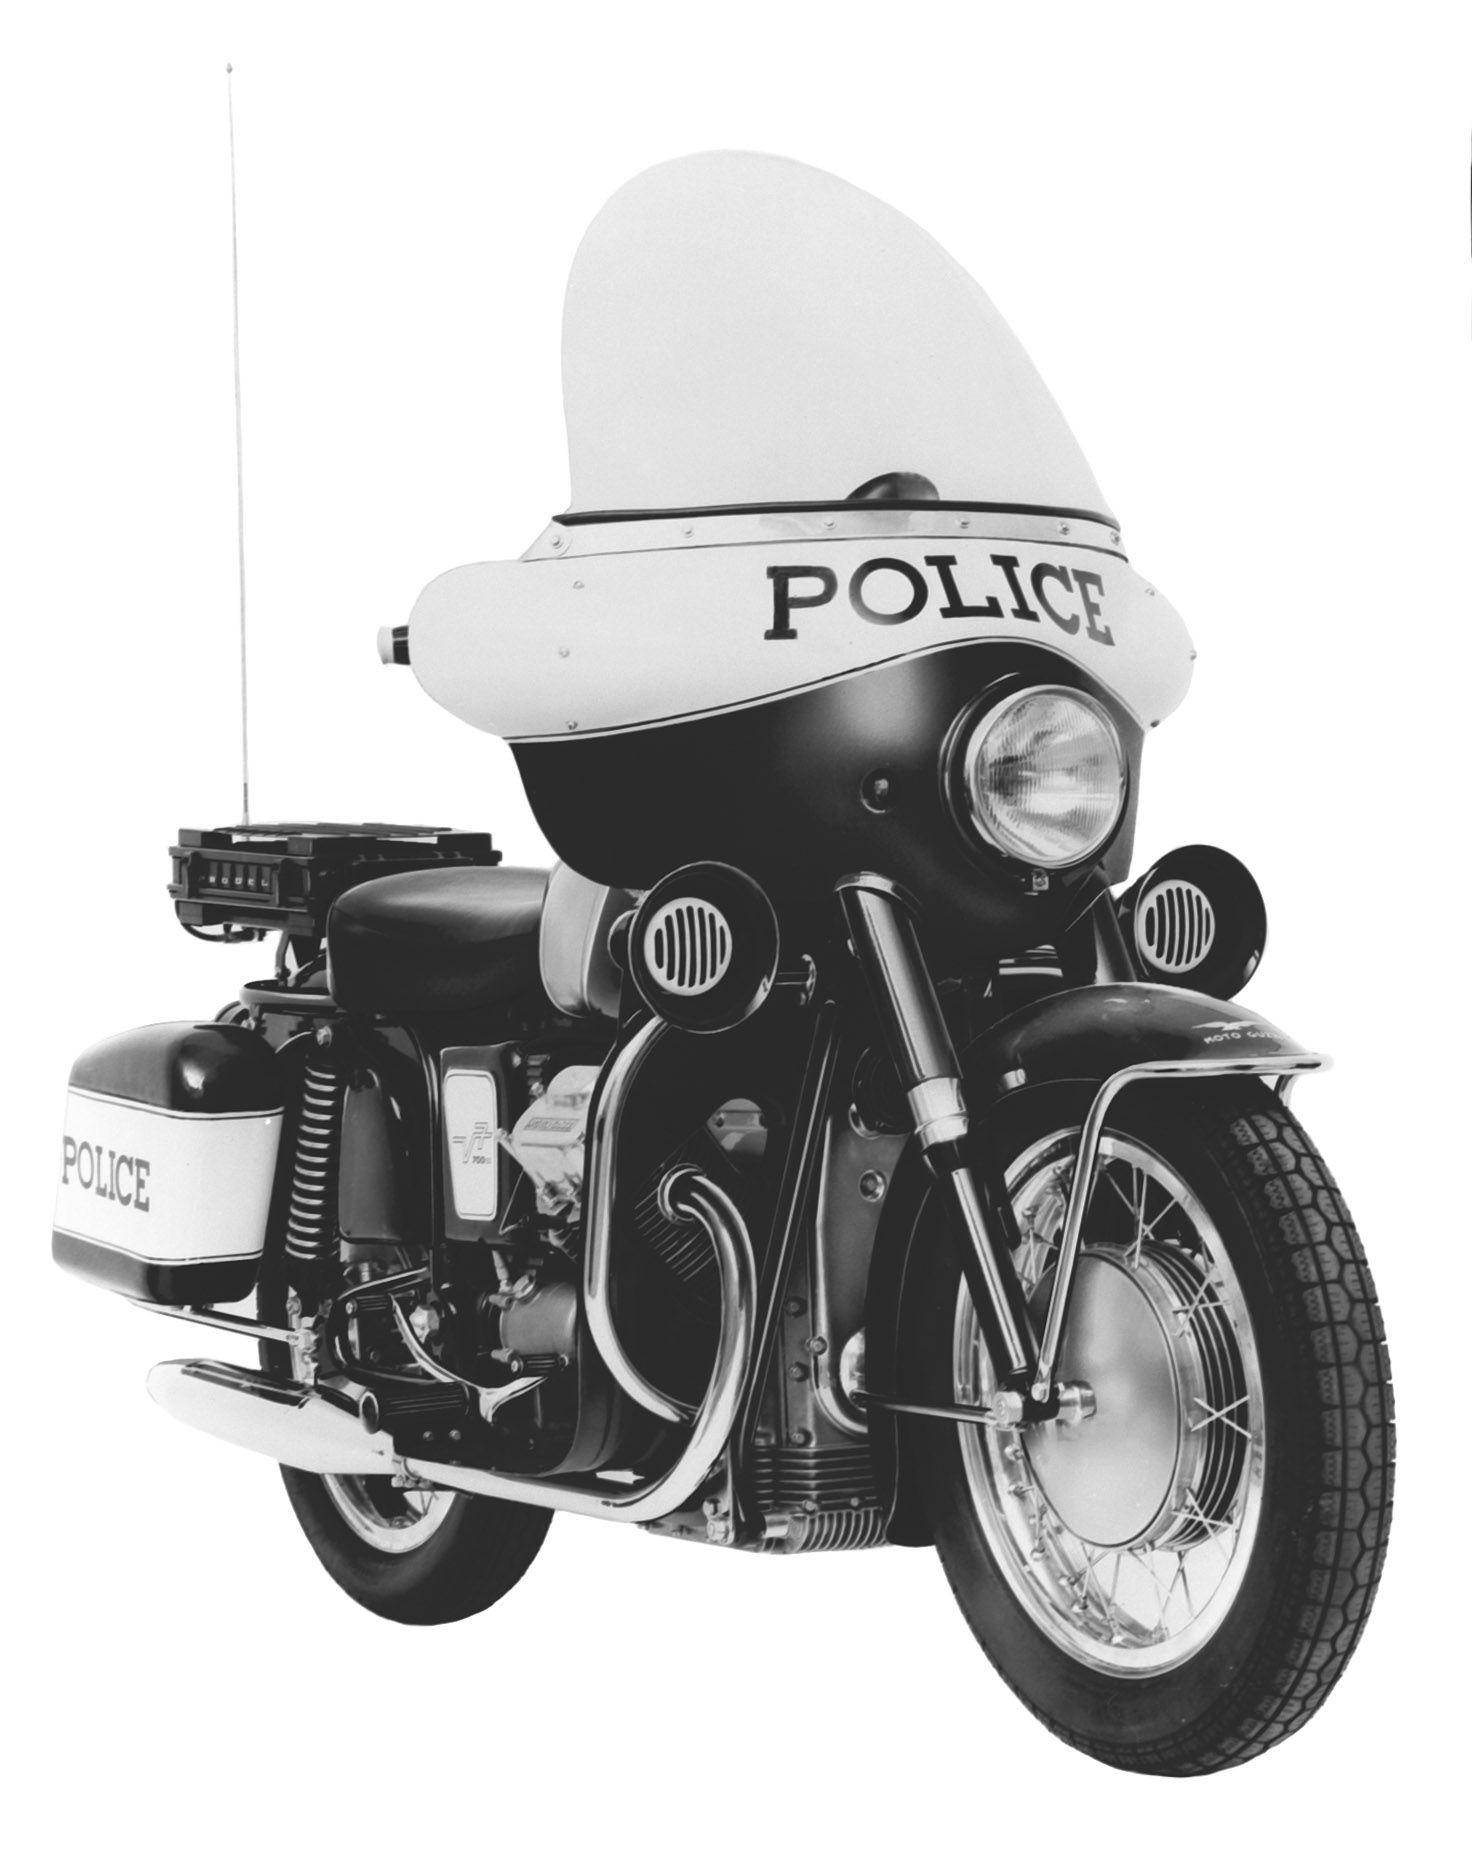 Moto Guzzi V7 Police 1968 - 1969 #moto #guzzi #motoguzzi #california #V7#police #history #motorbike #motorcycle